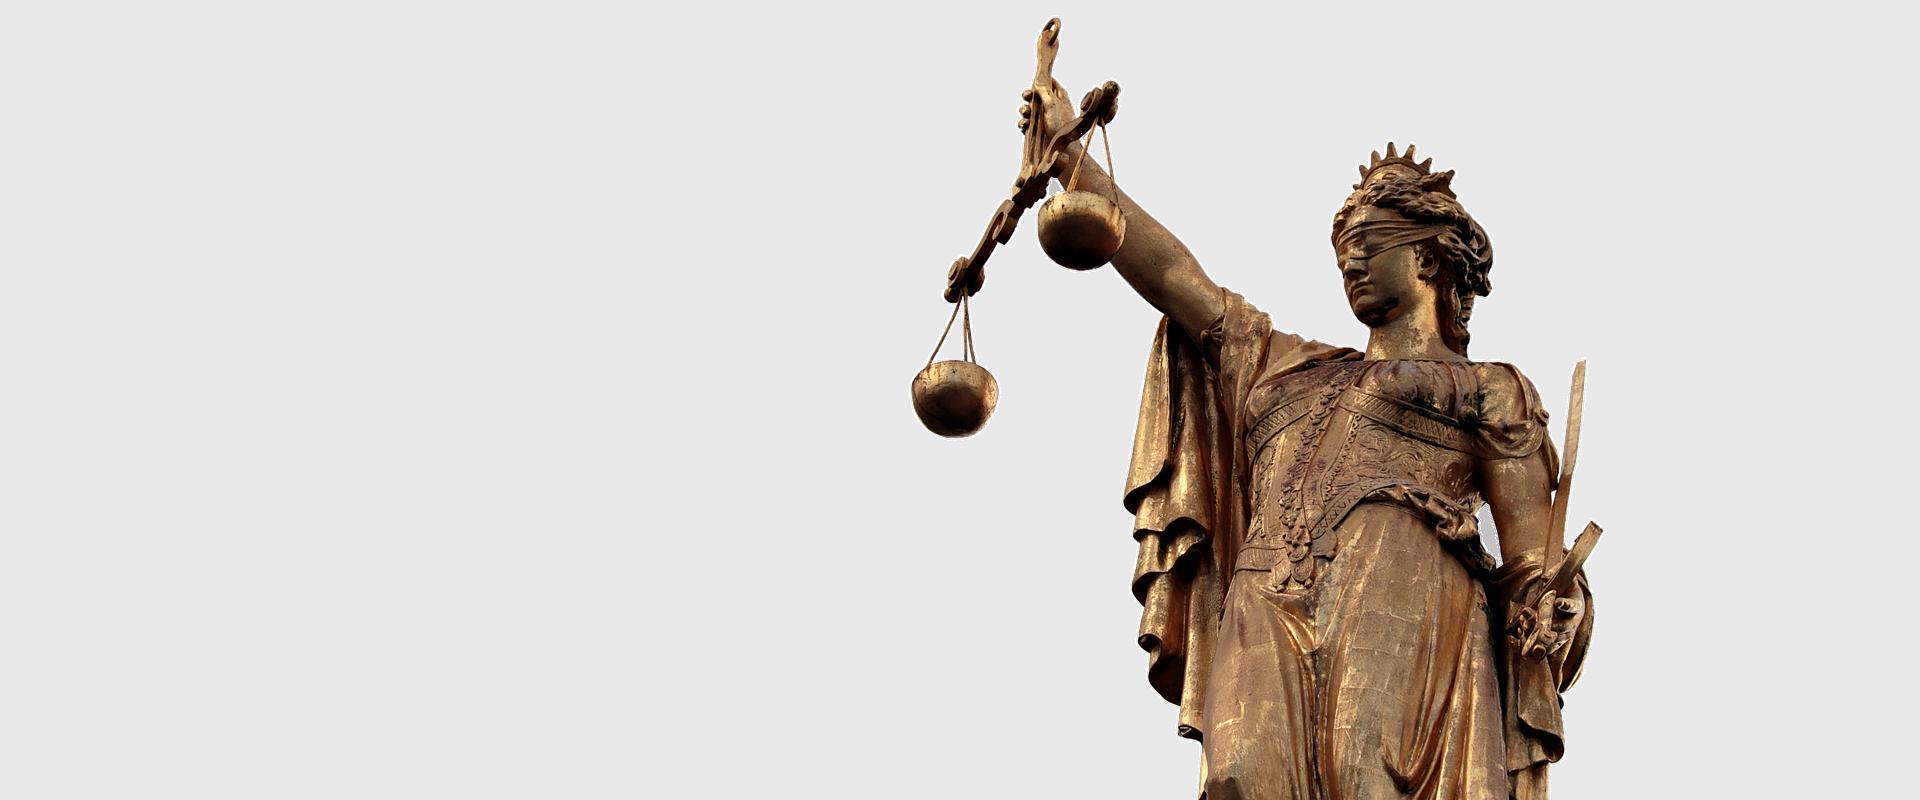 Chcesz uzyskać poradę prawną?